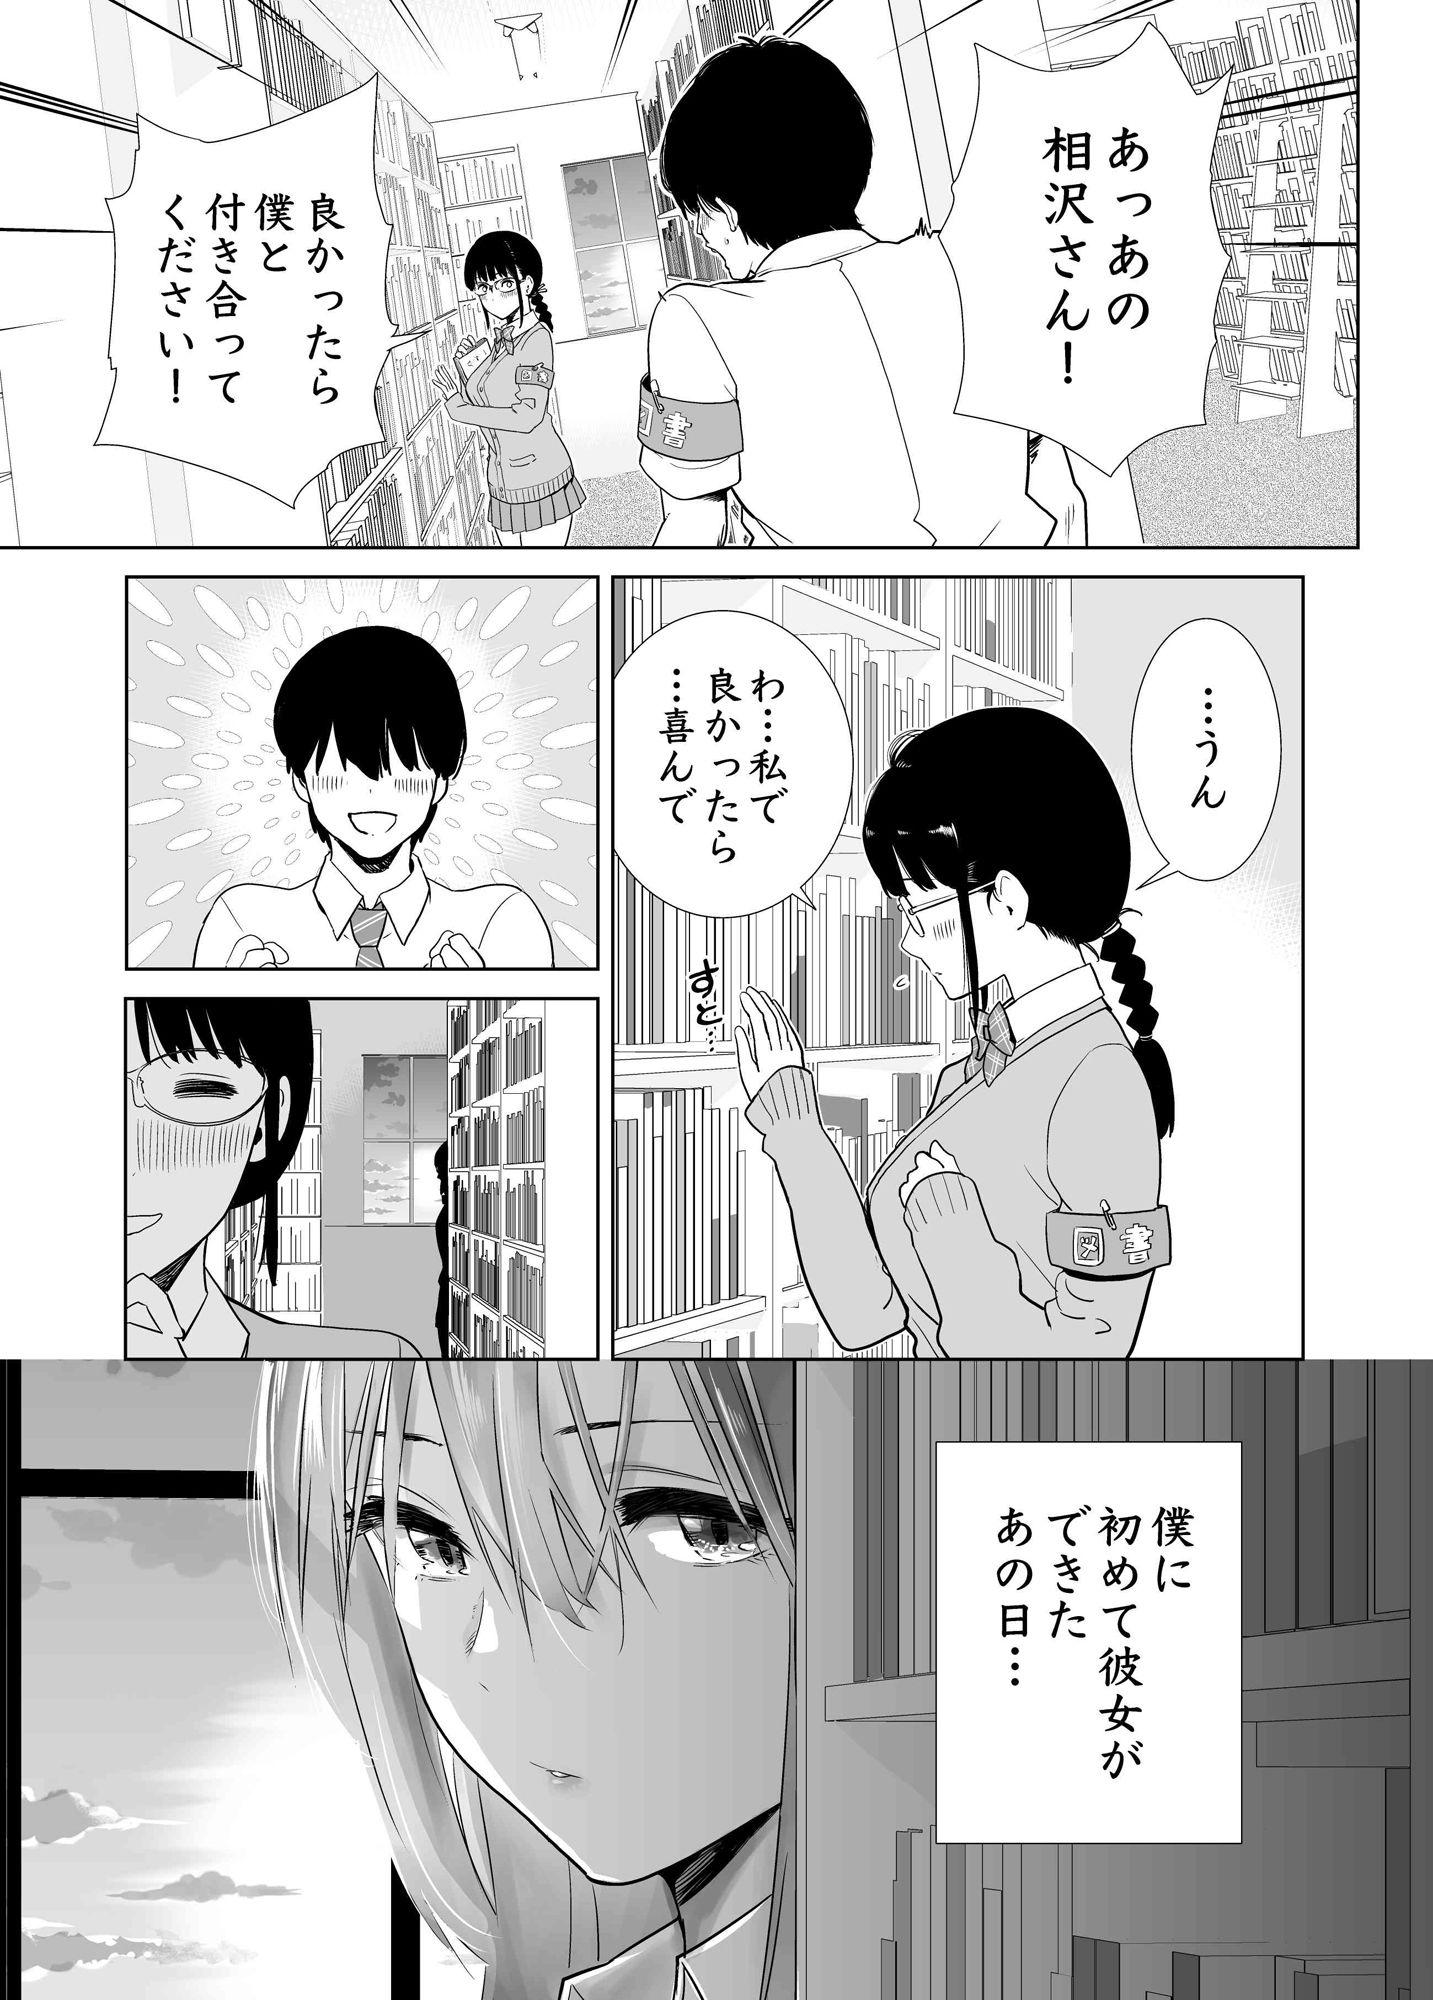 【エロ漫画無料大全集】【童貞エロ漫画】はじめて彼女ができたのに、幼馴染のお姉ちゃんが豹変して…